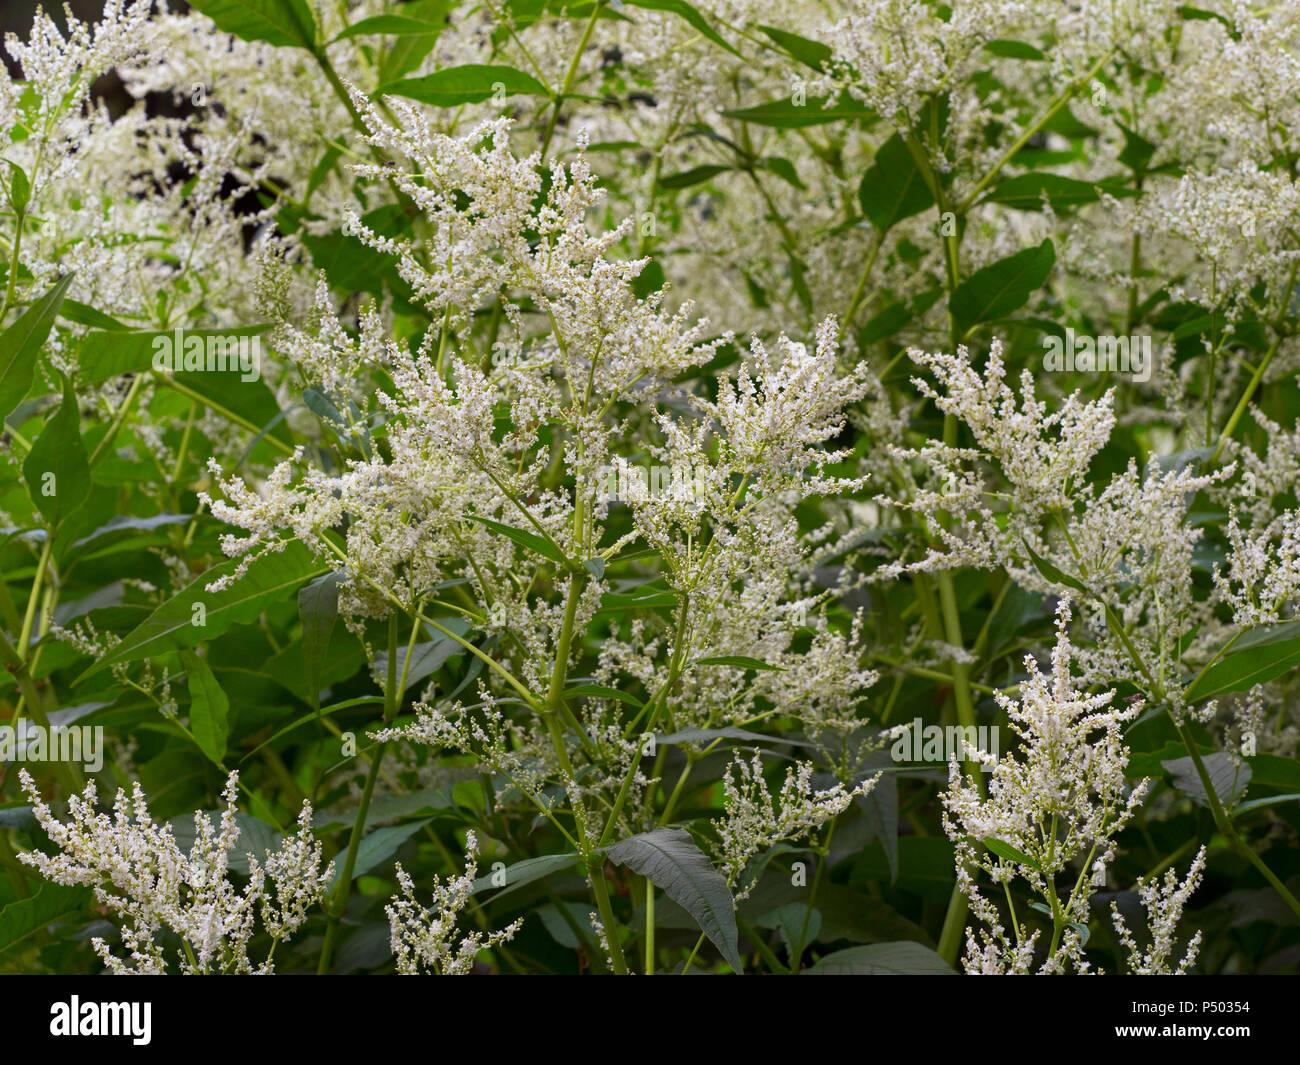 Giant Fleece Flower Persicaria Polymorpha Stock Photo 209600192 Alamy